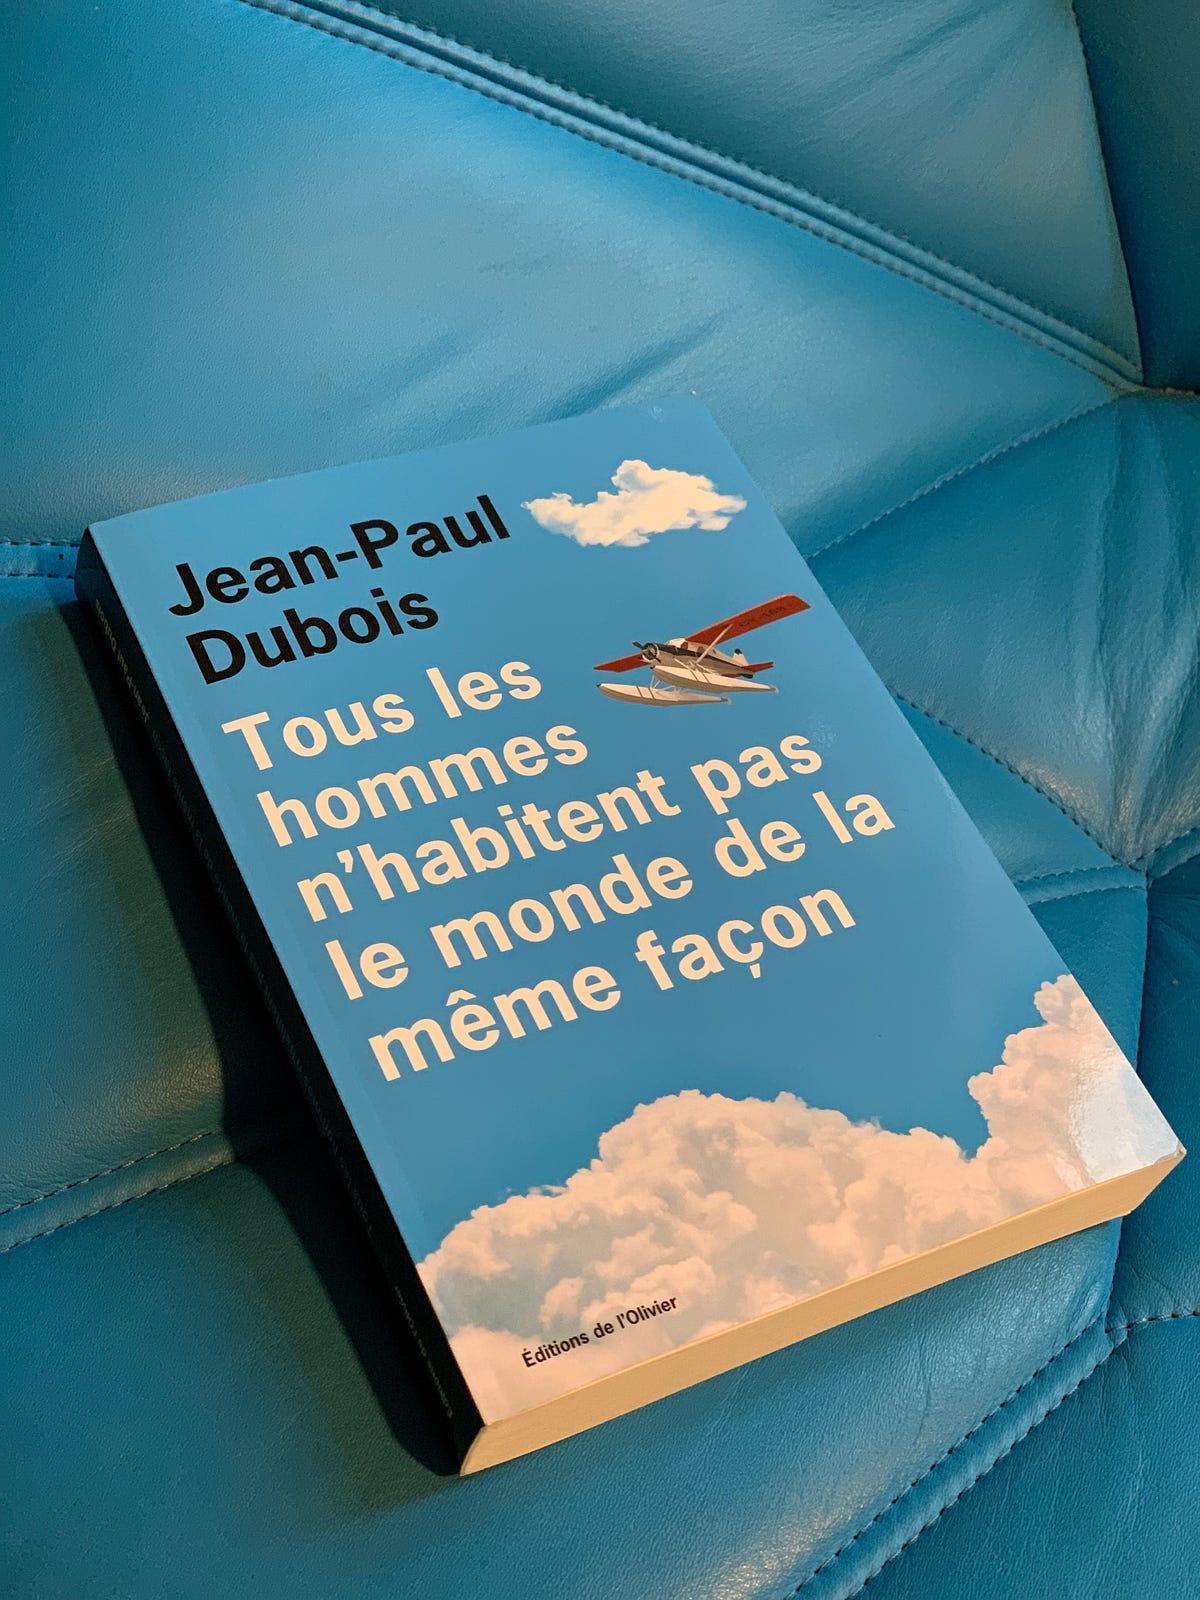 Jean Paul Dubois Tous Les Hommes : dubois, hommes, Hommes, N'habitent, Monde, Même, Façon, Jean-Paul, Dubois, Camille, Baichere, Medium